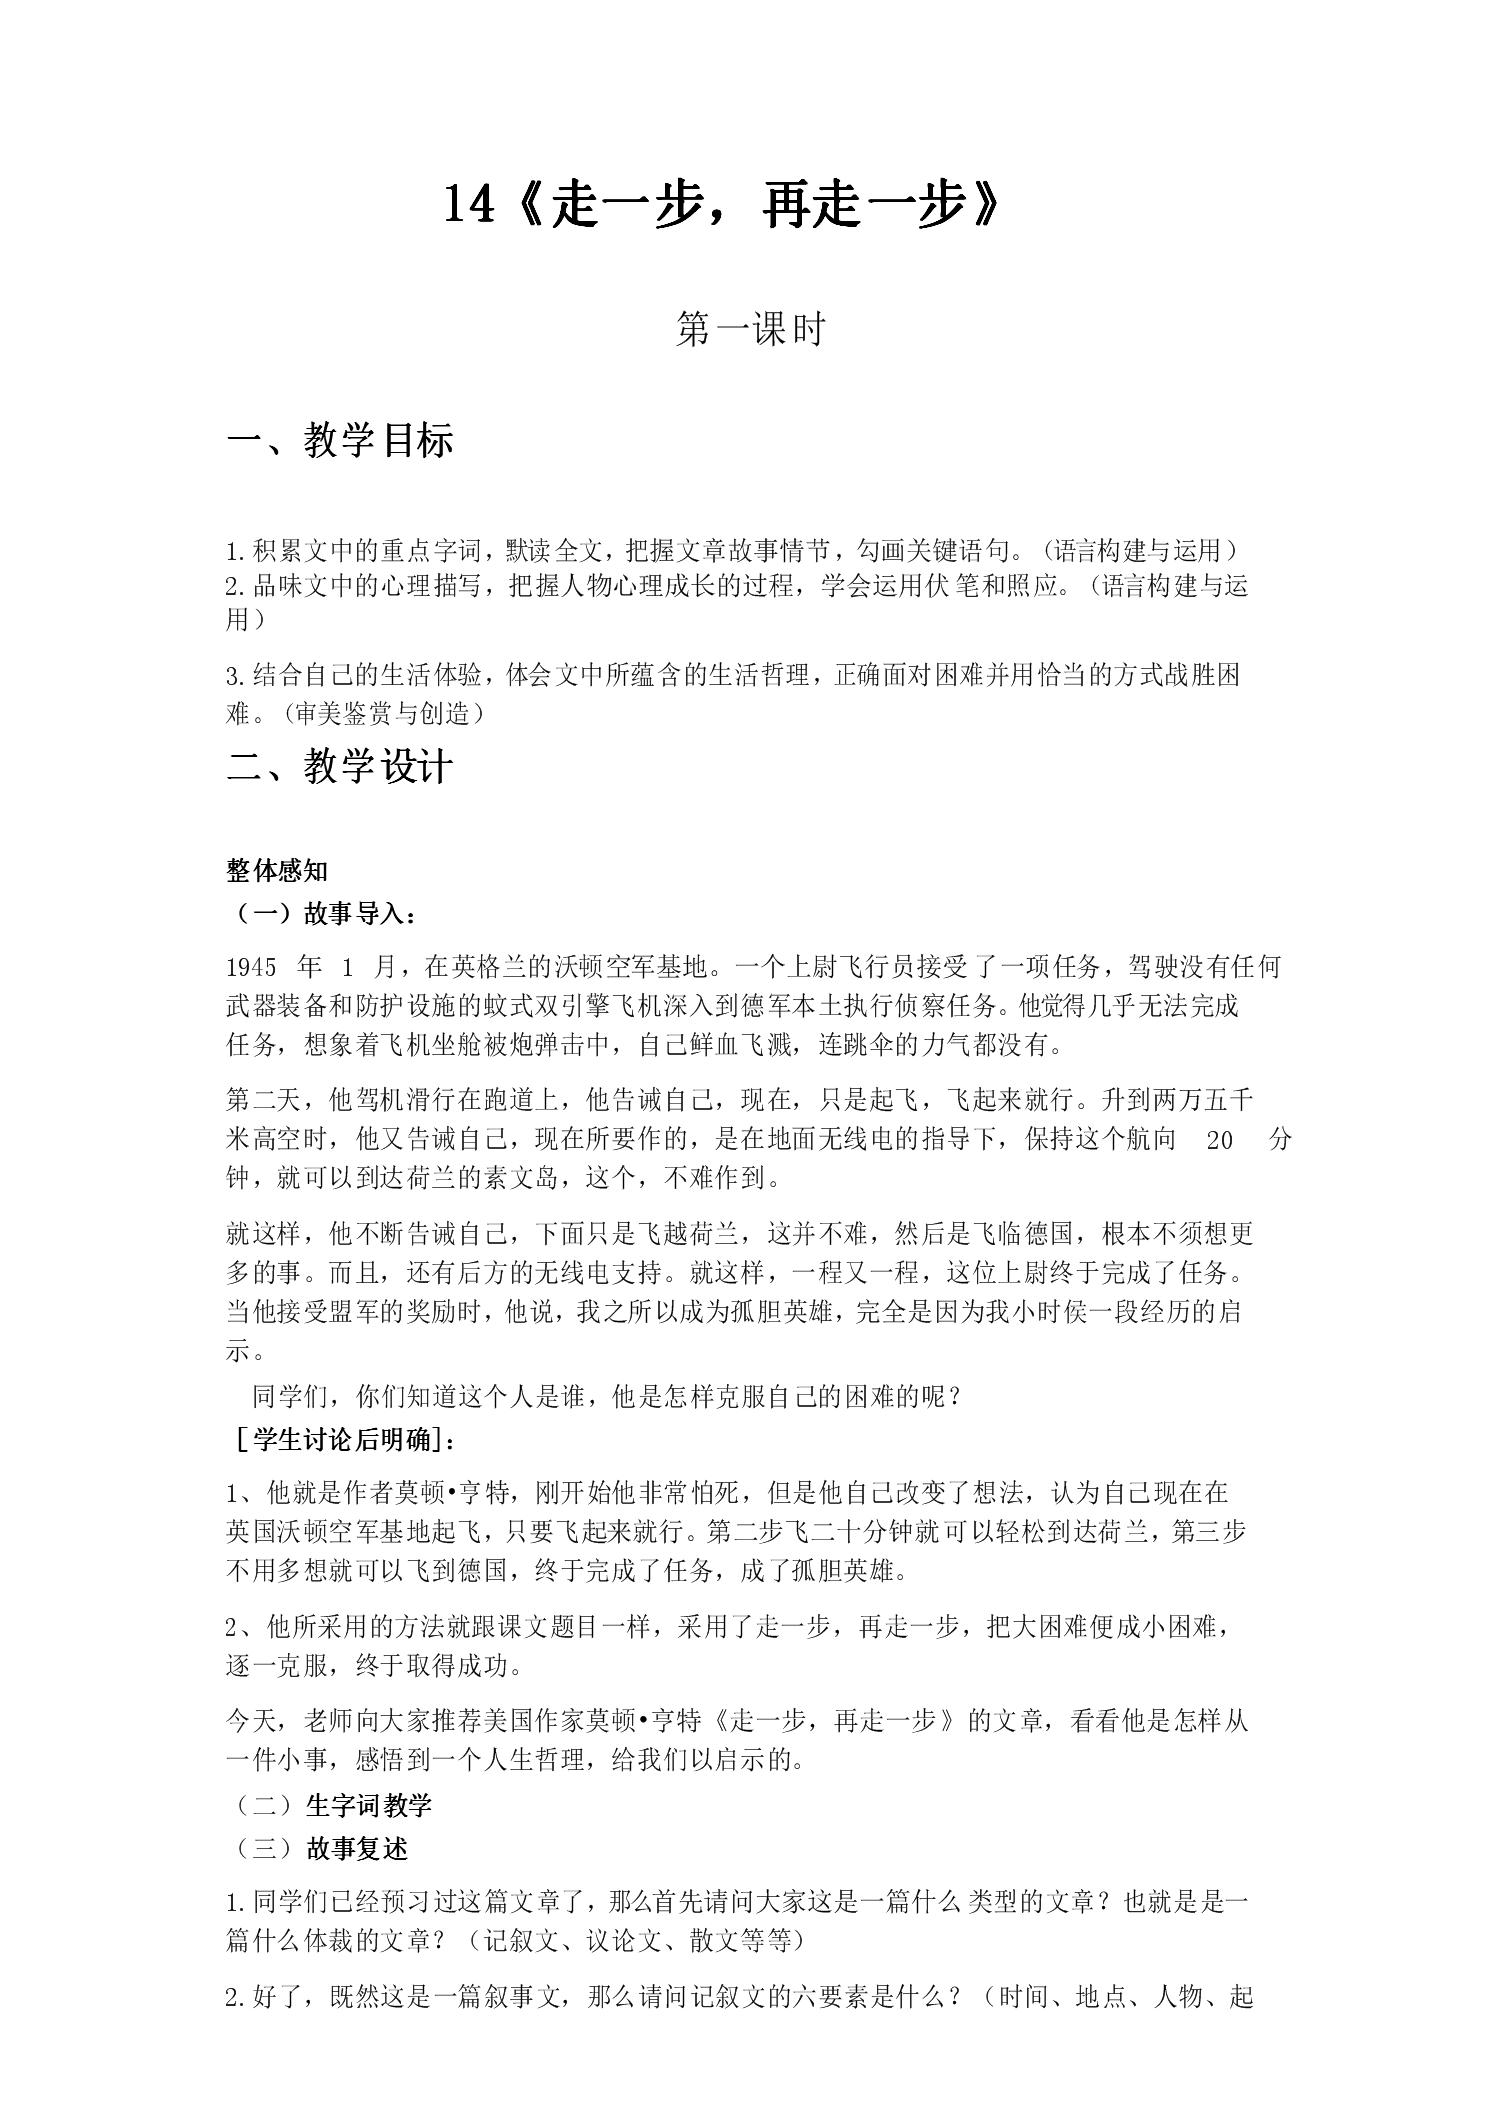 部編新人教版七年級語文上冊-14走一步,再走一步教案帶教學反思.docx